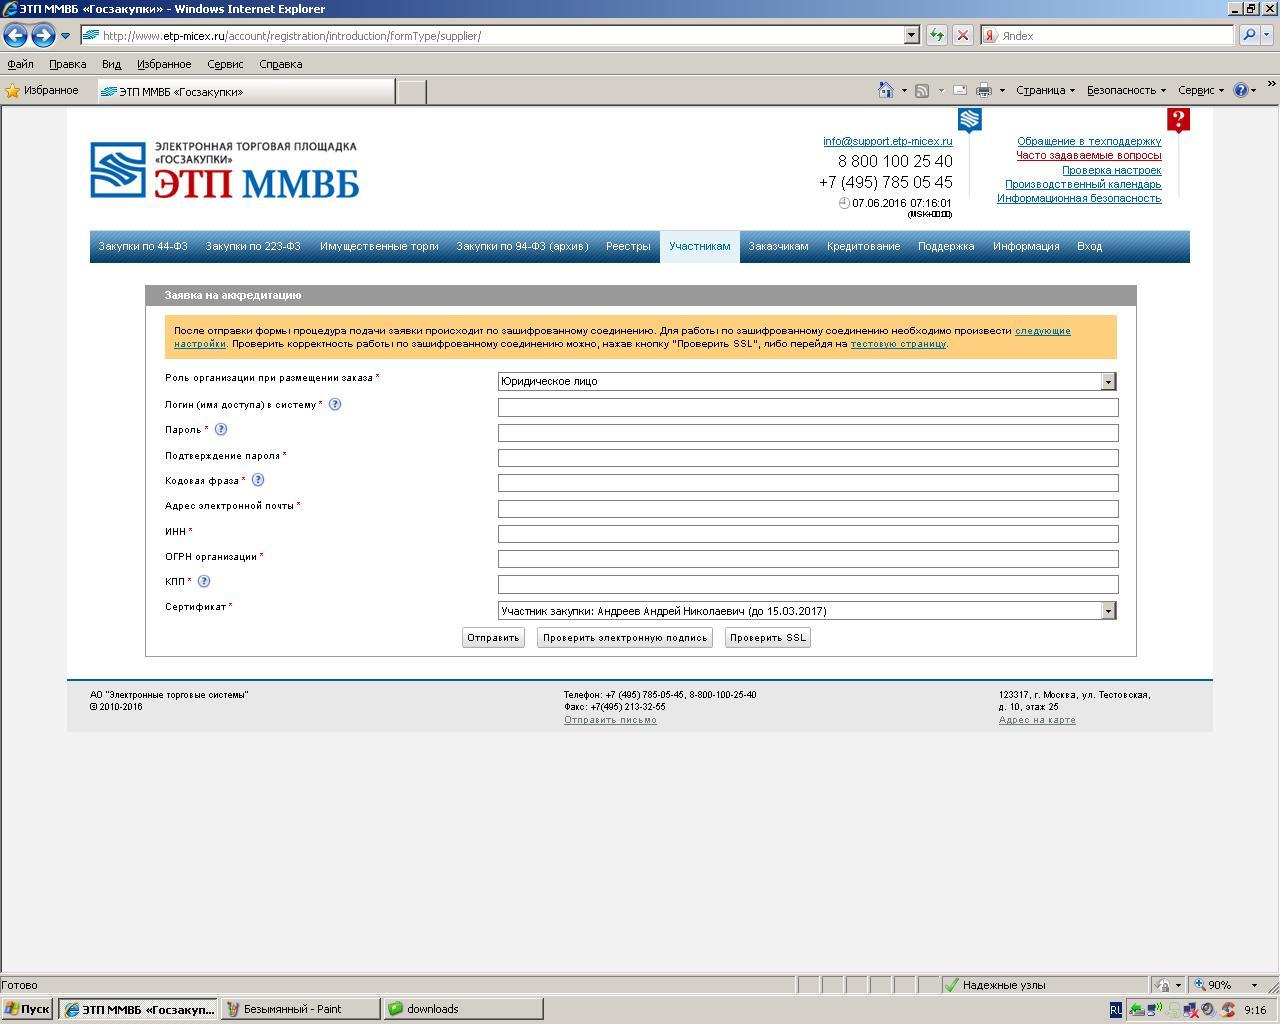 заявка на аккредитацию ММВБ